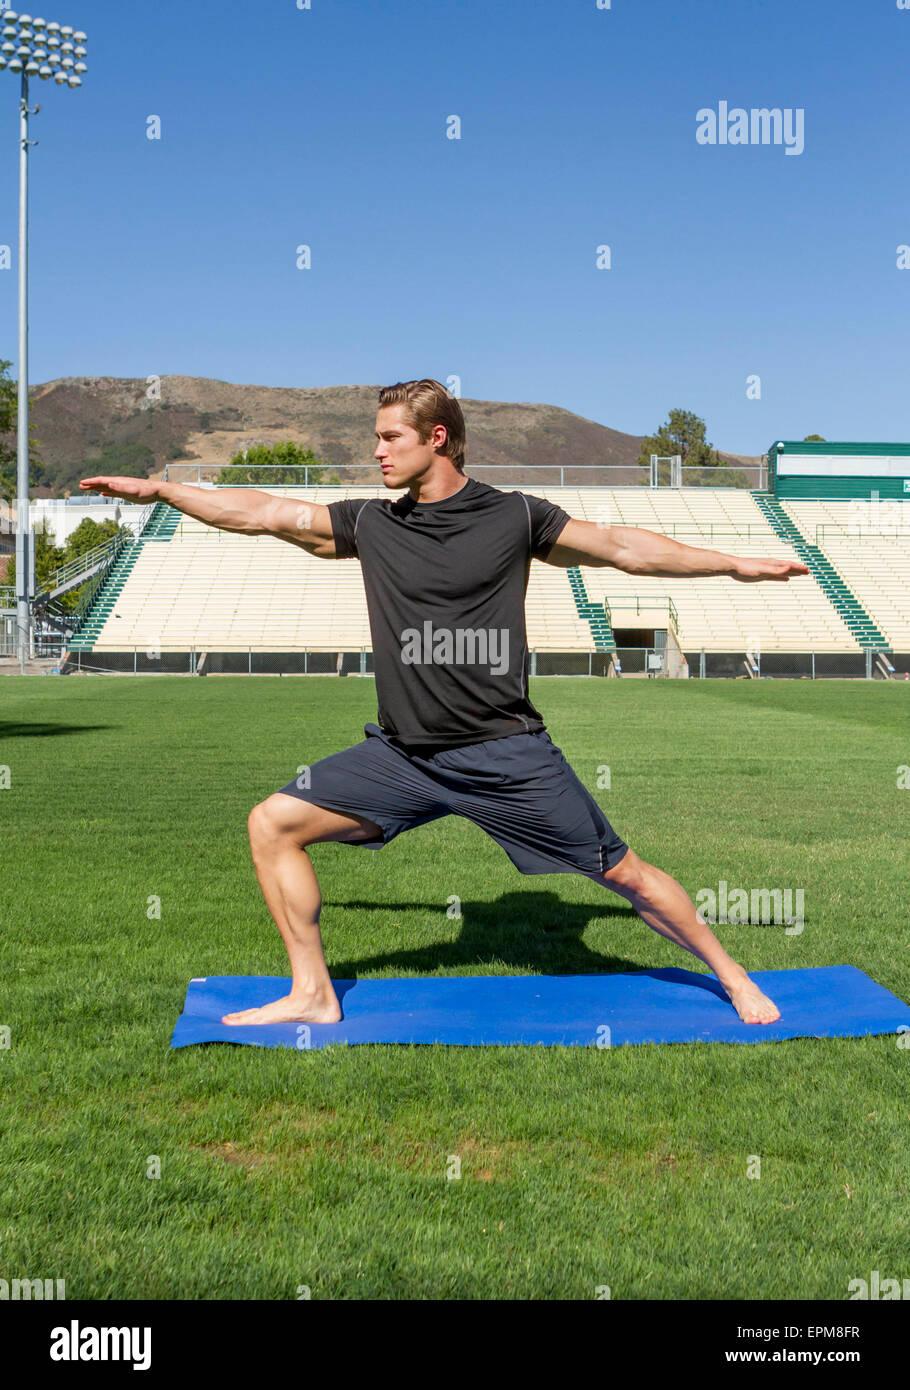 California, Estados Unidos, San Luis Obispo, joven haciendo ejercicios en un campo de deportes Imagen De Stock